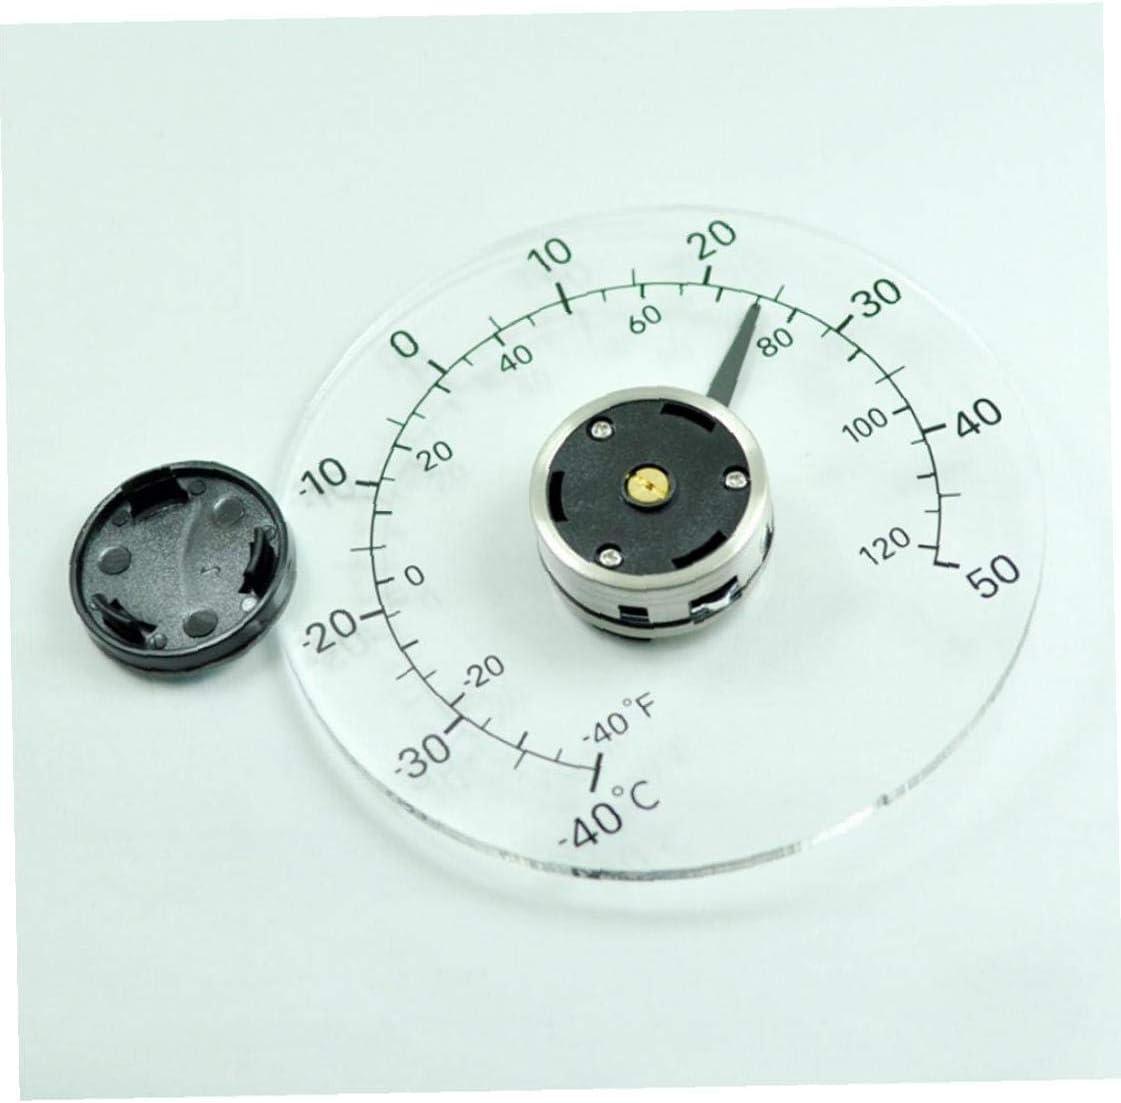 LAANCOO Termometro Esterno termometro Impermeabile Trasparente Senza Bisogno di Batteria a Bastone Porte autoadesive e finestre termometro Serra